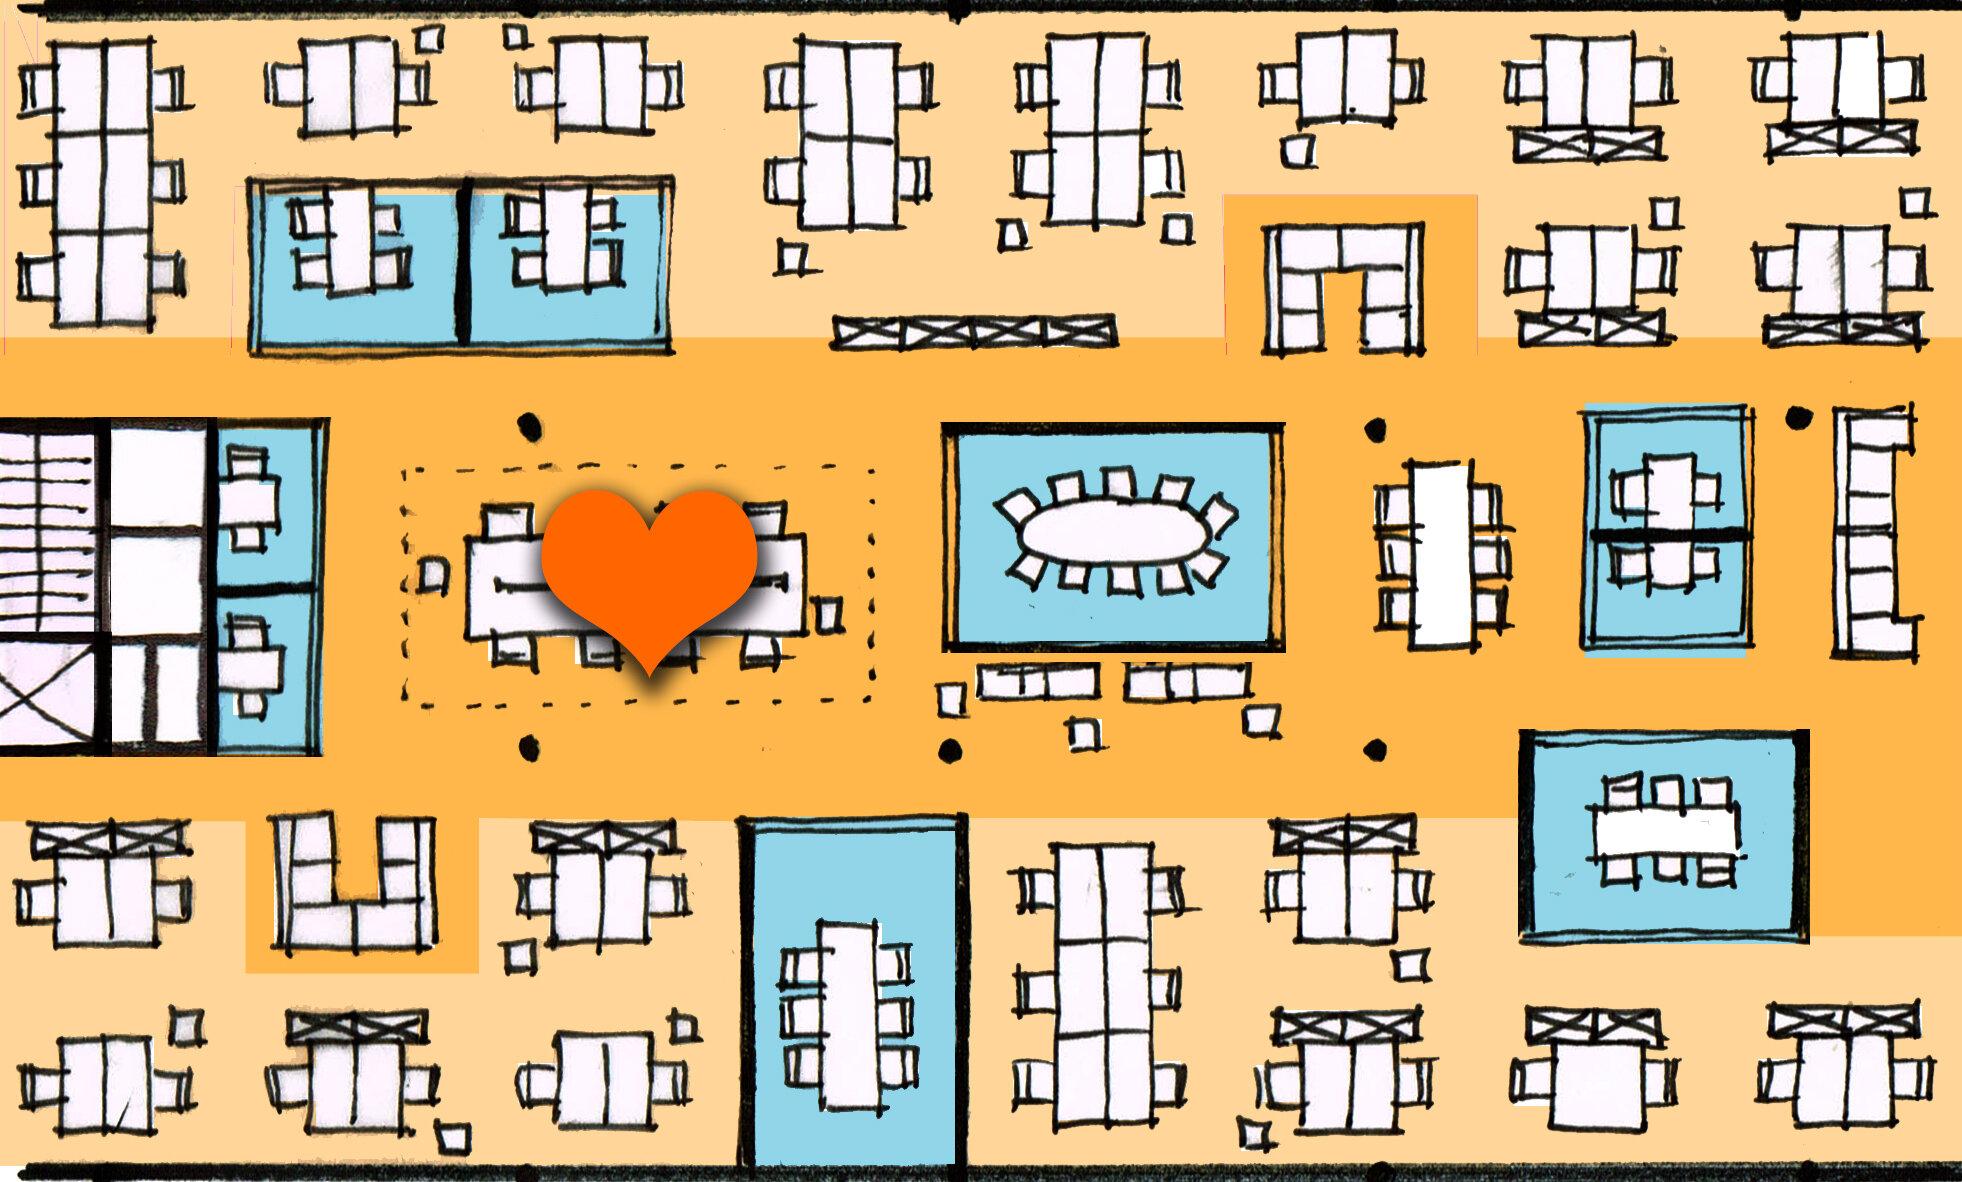 2. Concept - In fase 2 bedenken wij voor jullie organisatie een uniek werkplekconcept. In dit concept komen vorm en functie samen. We bedenken een functionele indeling voor het kantoor en leggen de look&feel vast in moodboards, een materialenbord en een conceptplattegrond. Na goedkeuring van het concept, vertalen we dit in een 3D model zodat jullie alvast een uniek kijkje kunnen gaan nemen in jullie nieuwe kantoor! Aan het eind van deze fase wordt ook een budgetraming gemaakt.